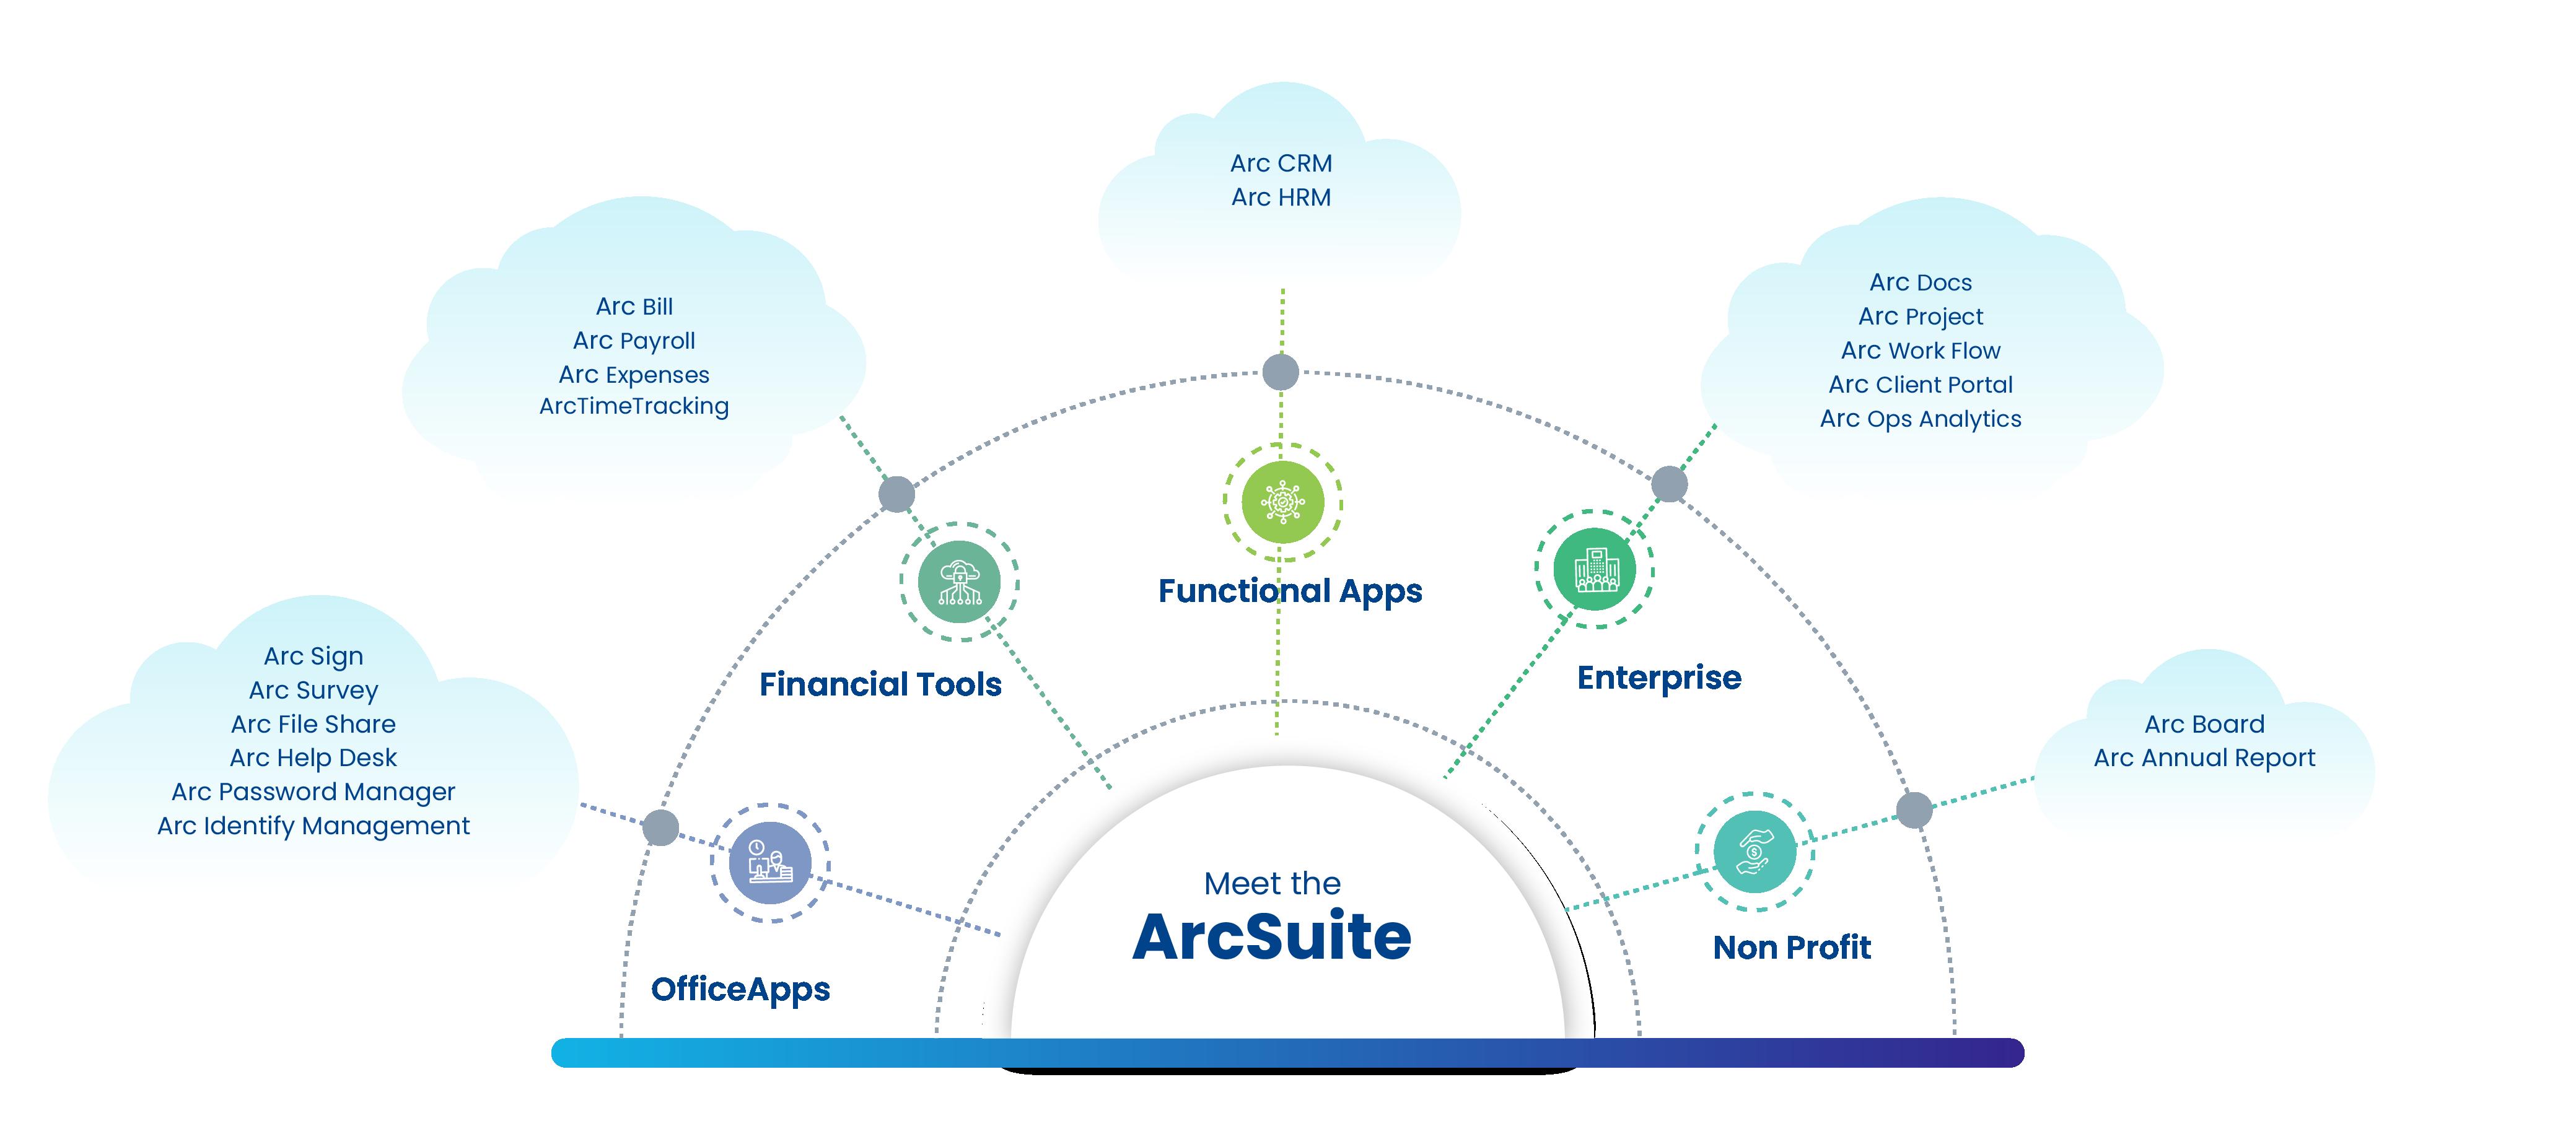 ArcSuite